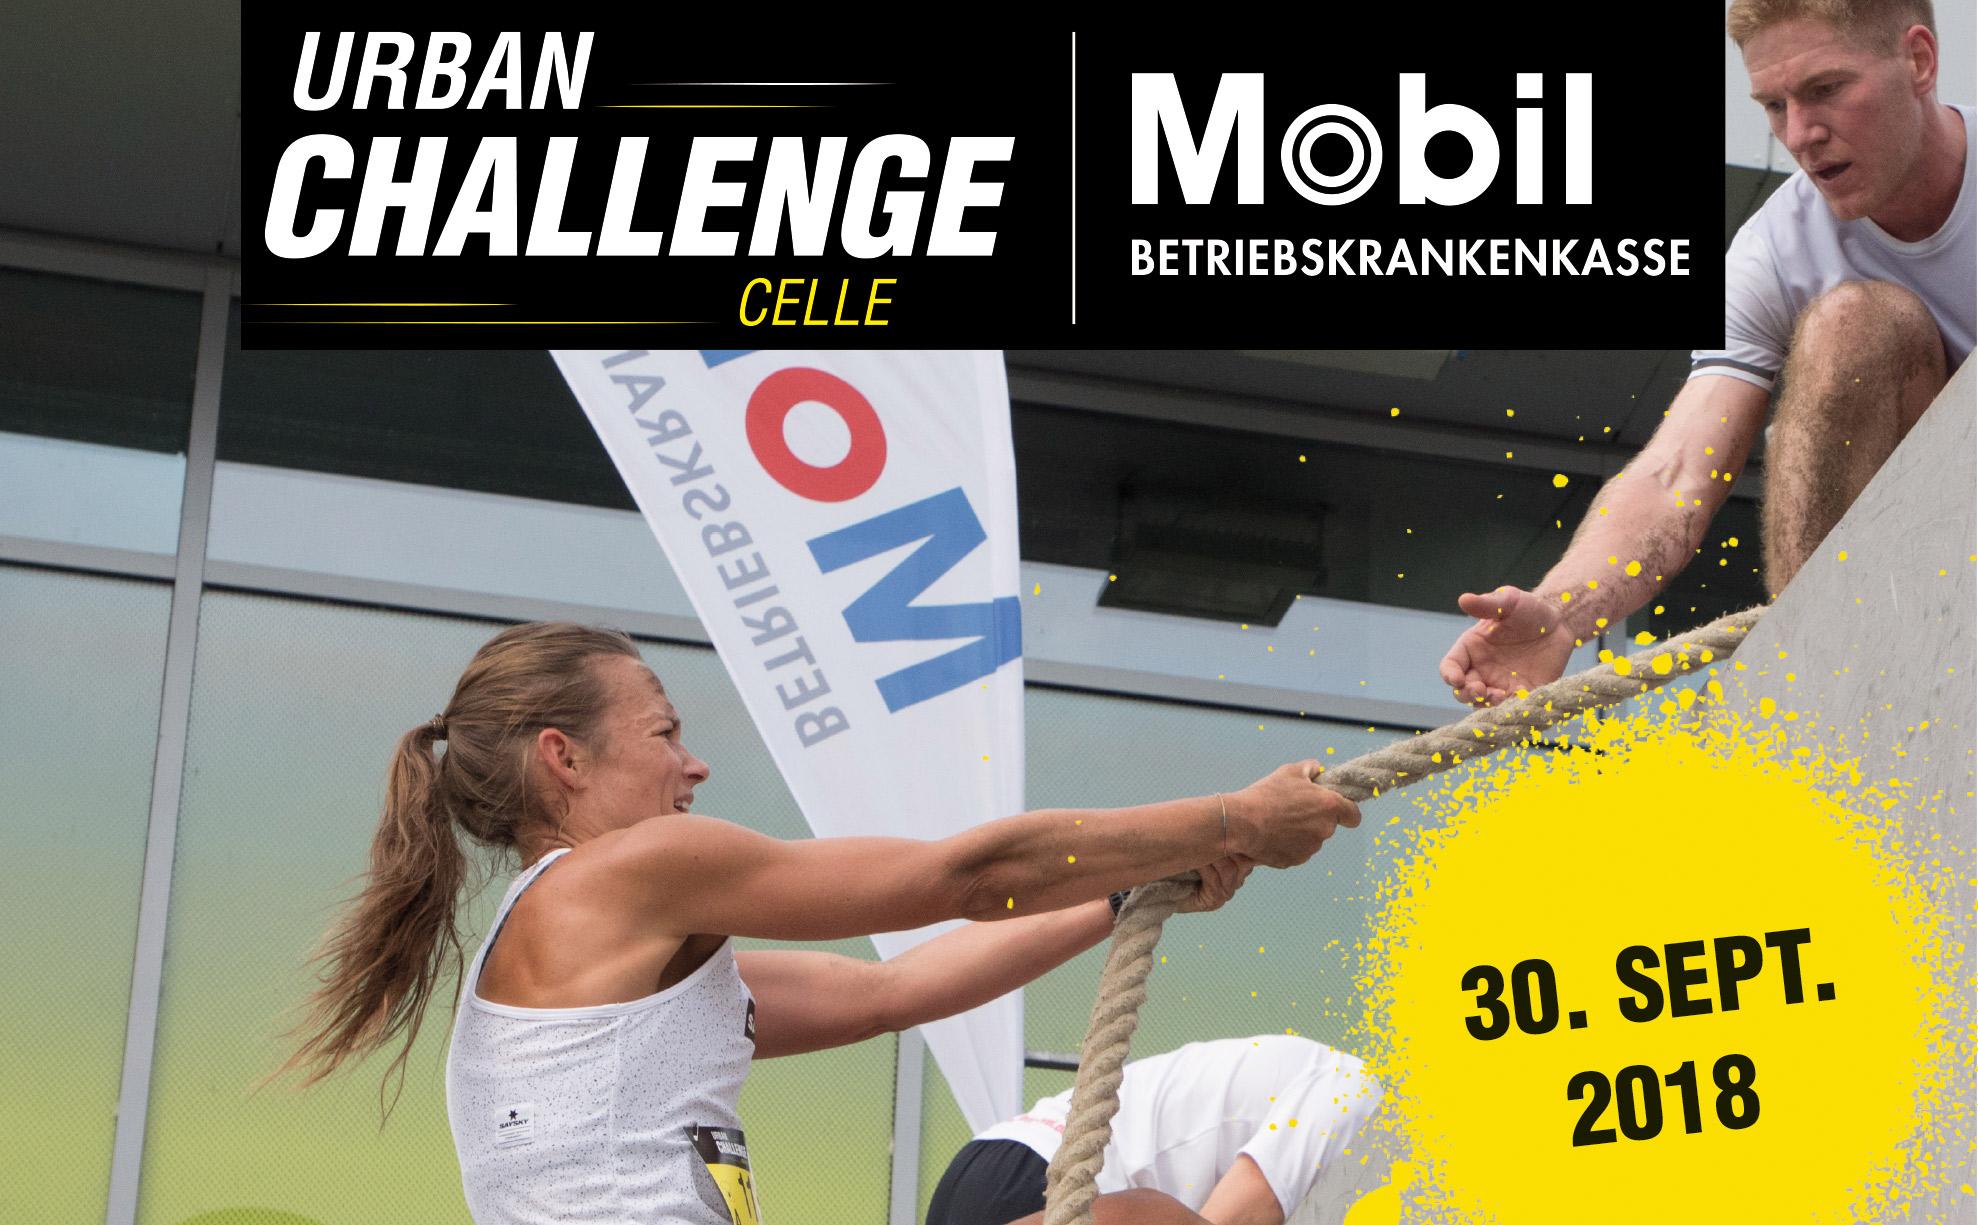 Urban Challenge Celle - das urbane Hindernisrennen